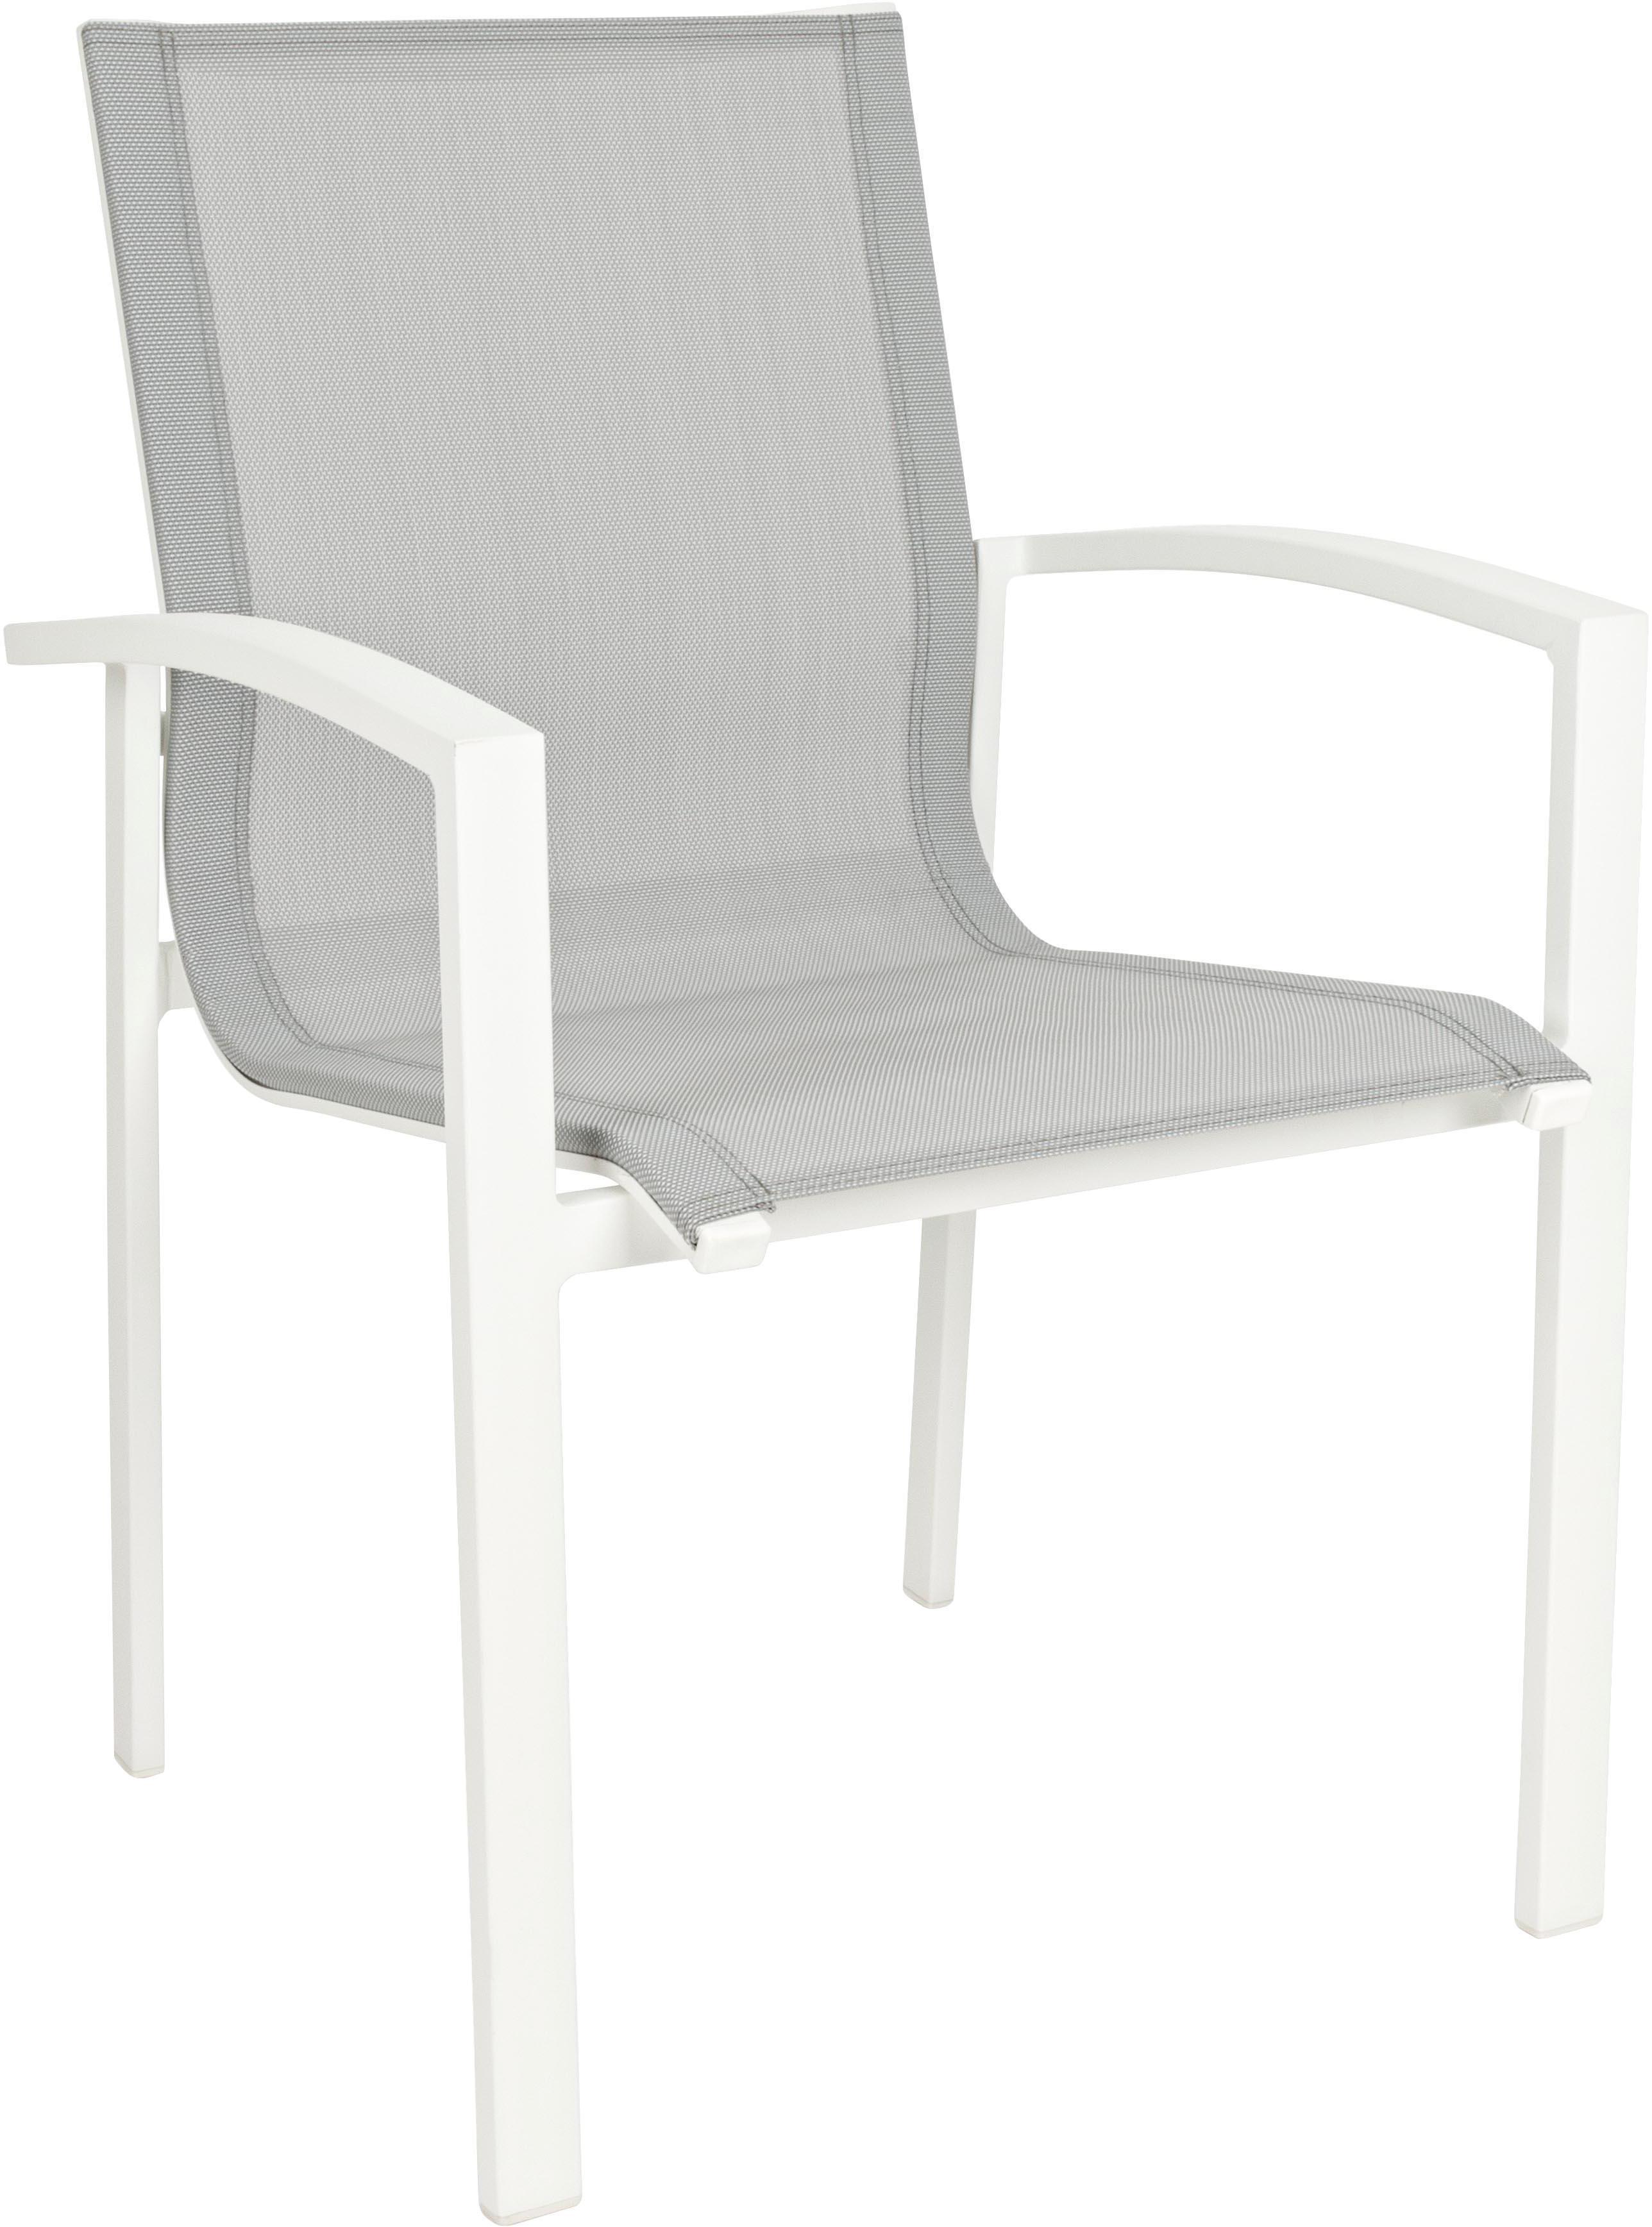 Krzesło ogrodowe z podłokietnikami do układania w stos  Atlantic, Stelaż: aluminium malowane proszk, Biały, jasny szary, S 60 x G 66 cm